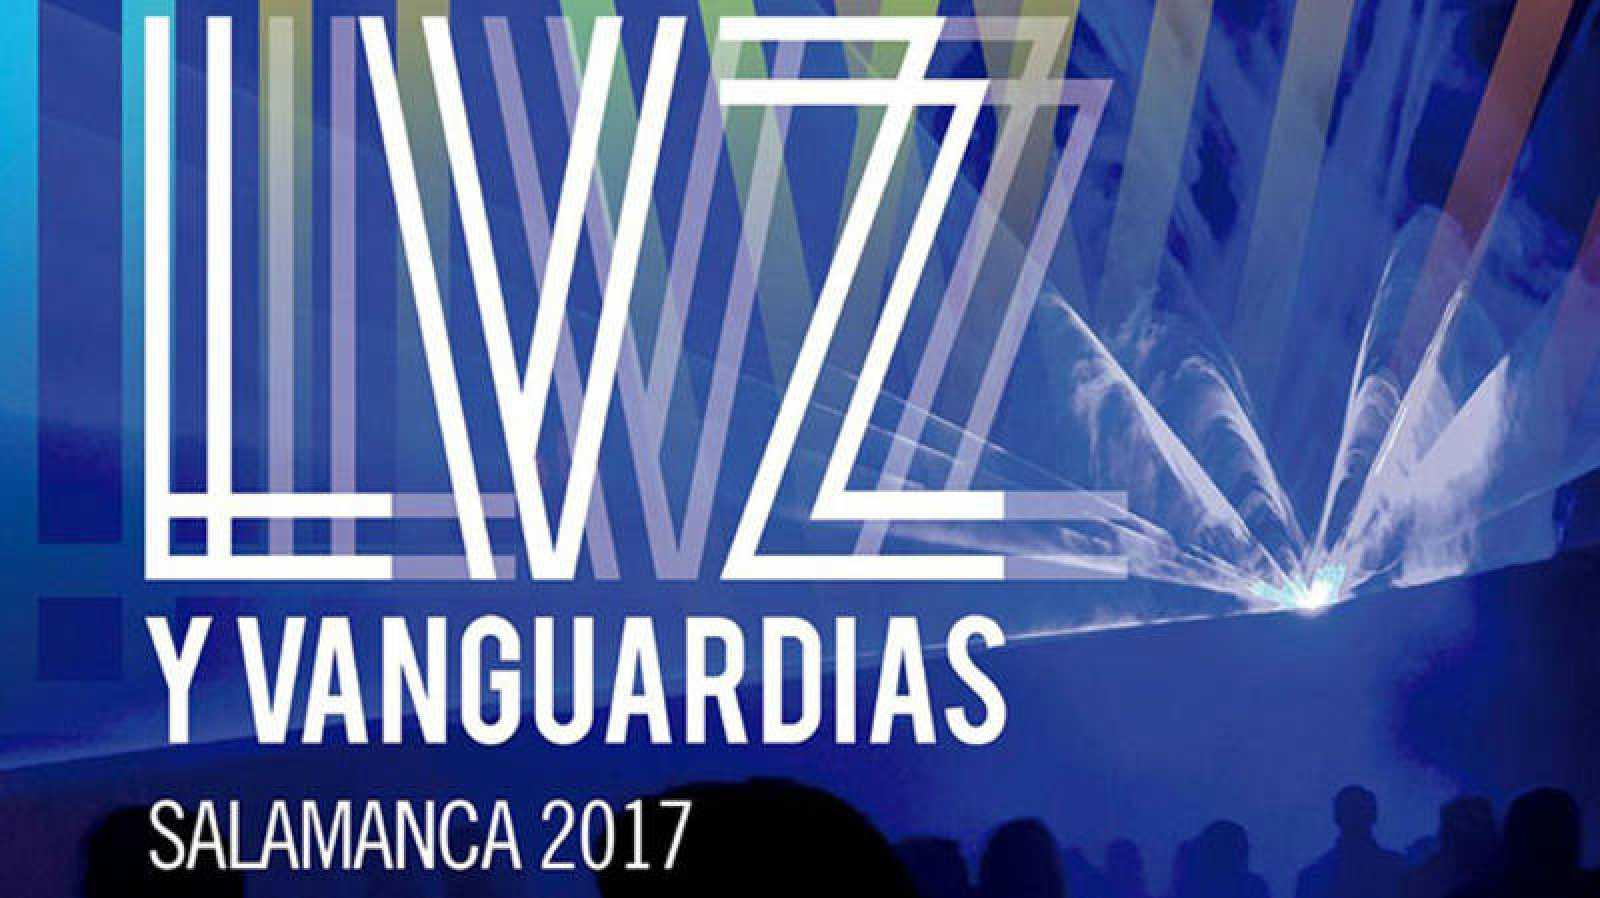 Festival de Luz y Vanguardias 2017